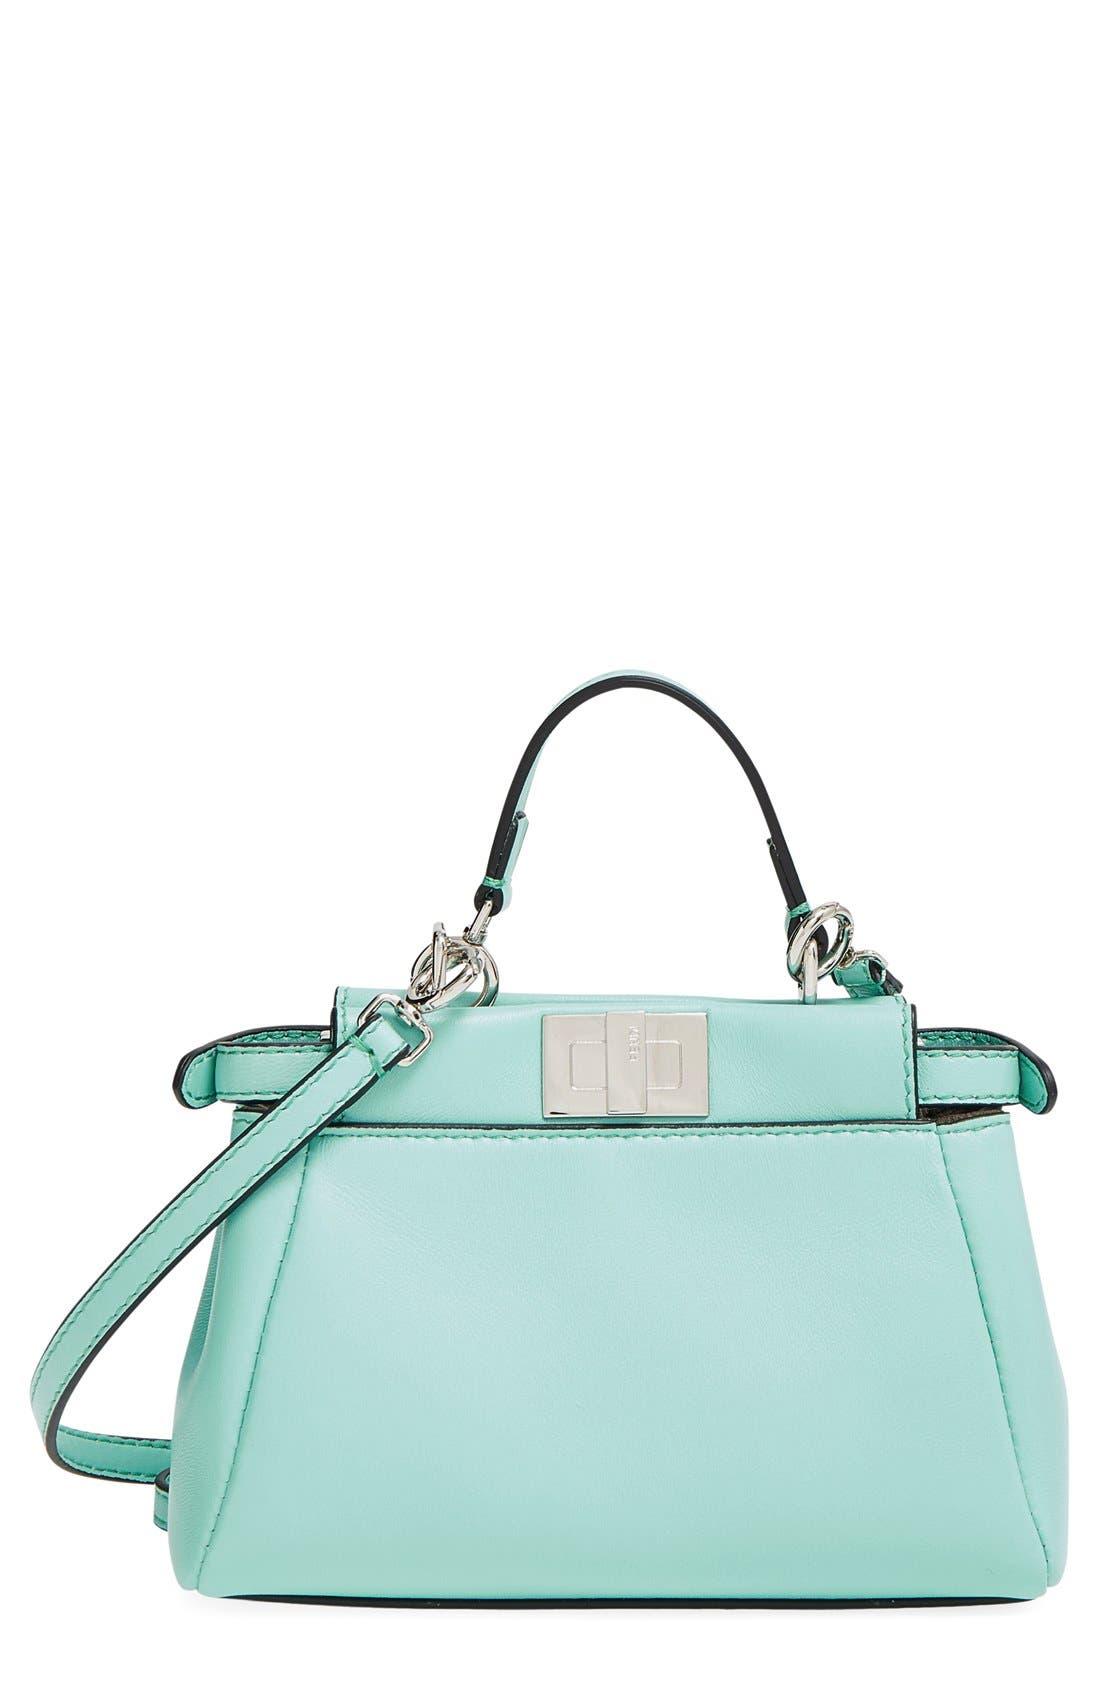 Fendi 'Micro Peekaboo' Nappa Leather Bag